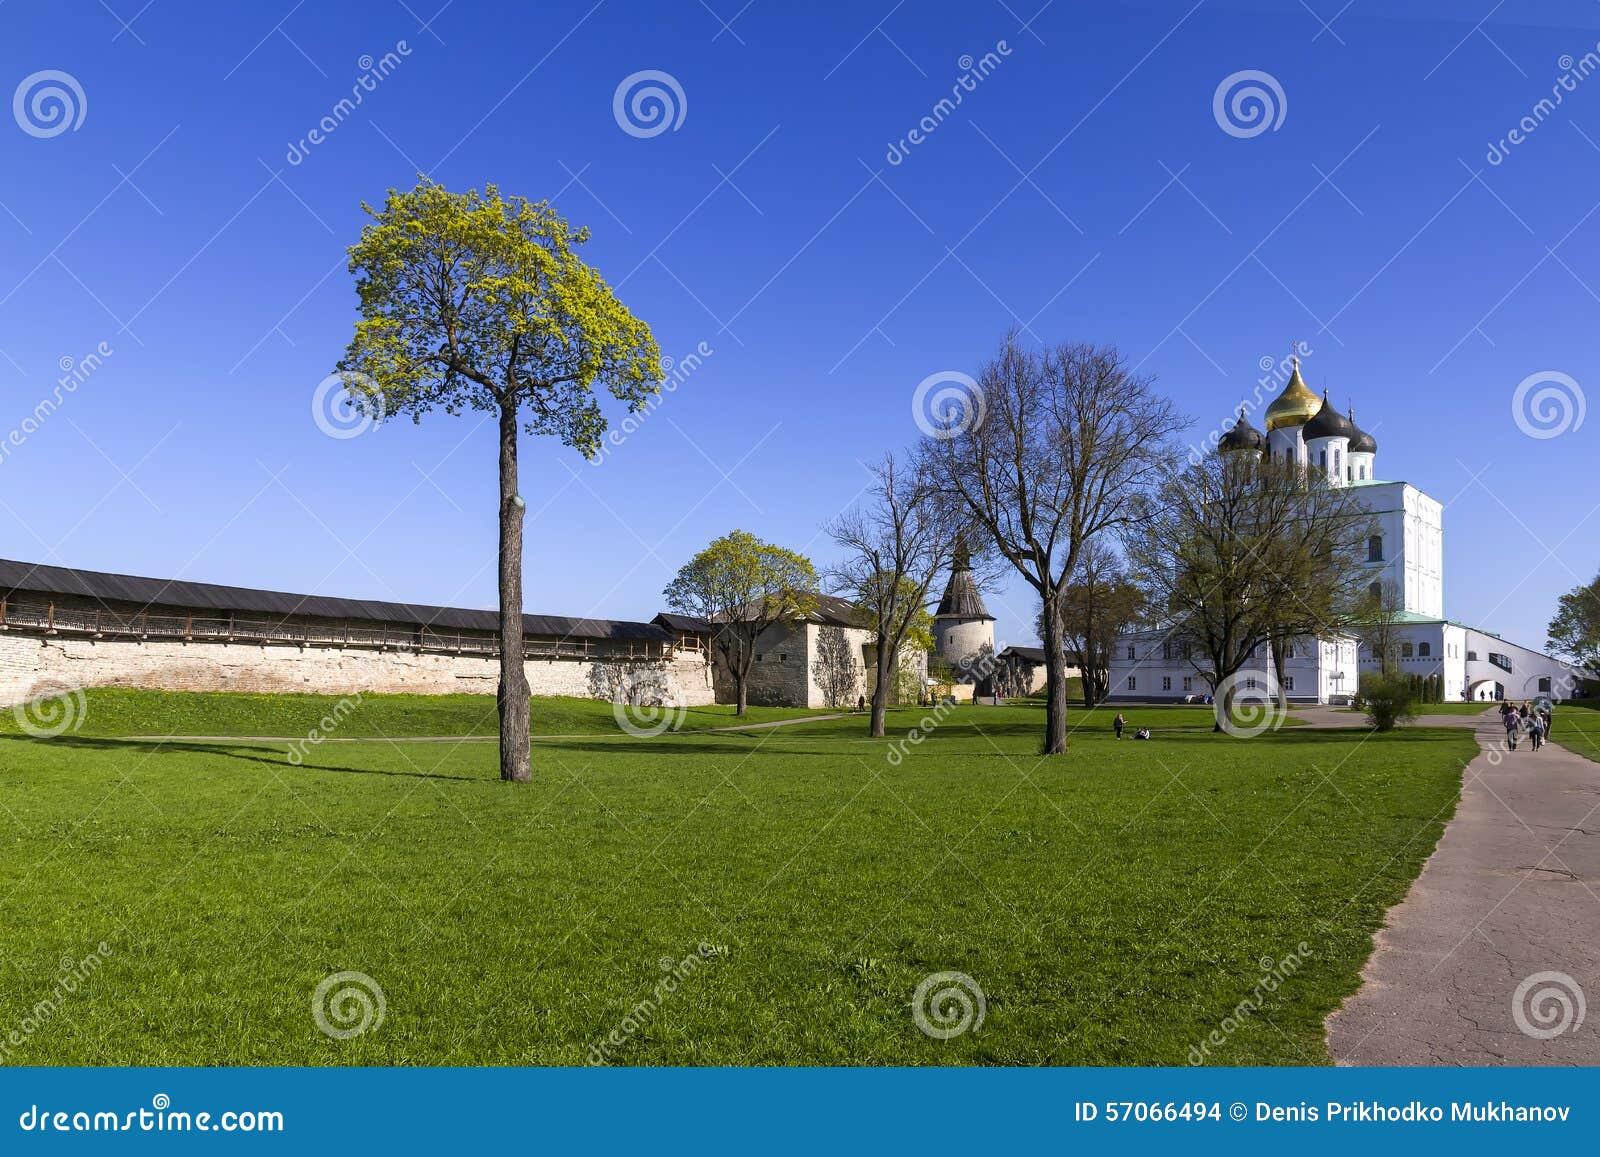 Troitskykathedraal in Pskov, Rusland